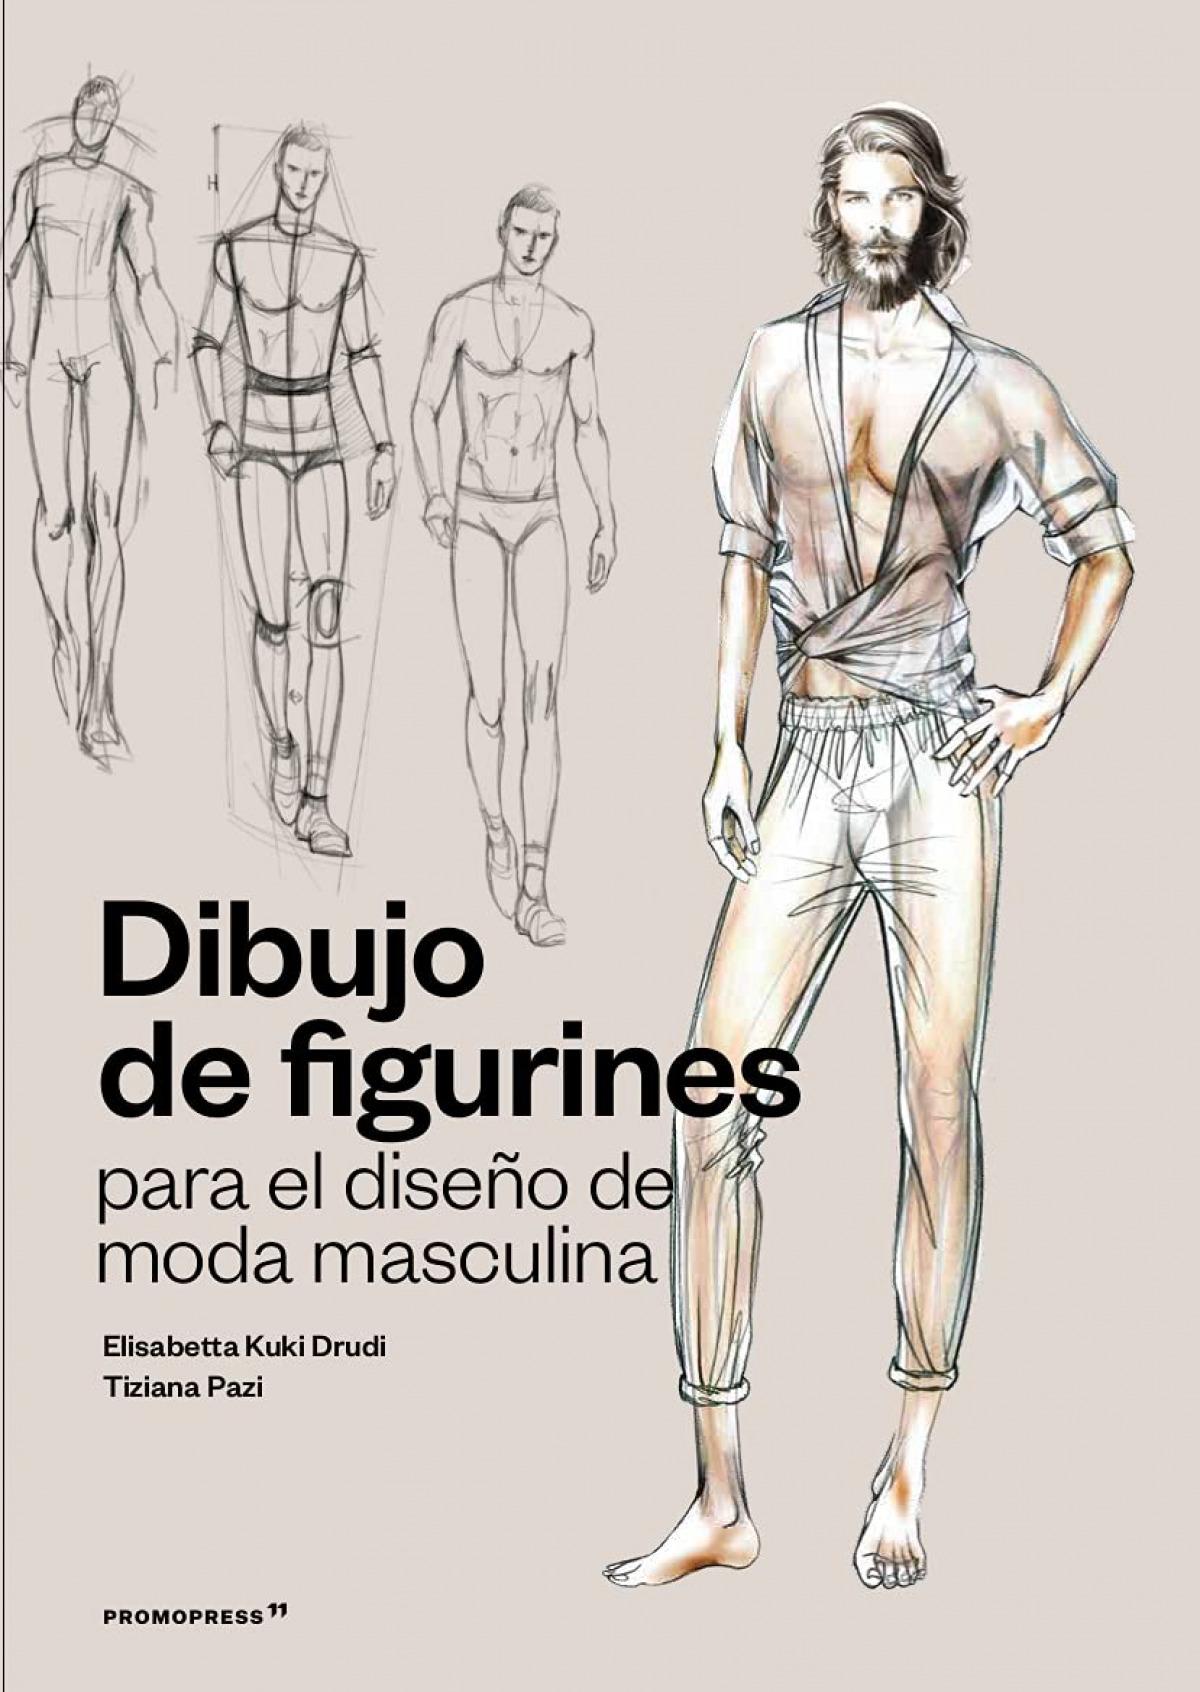 DIBUJO DE FIGURINES PARA EL DISEÑO DE MODA MASCULINA